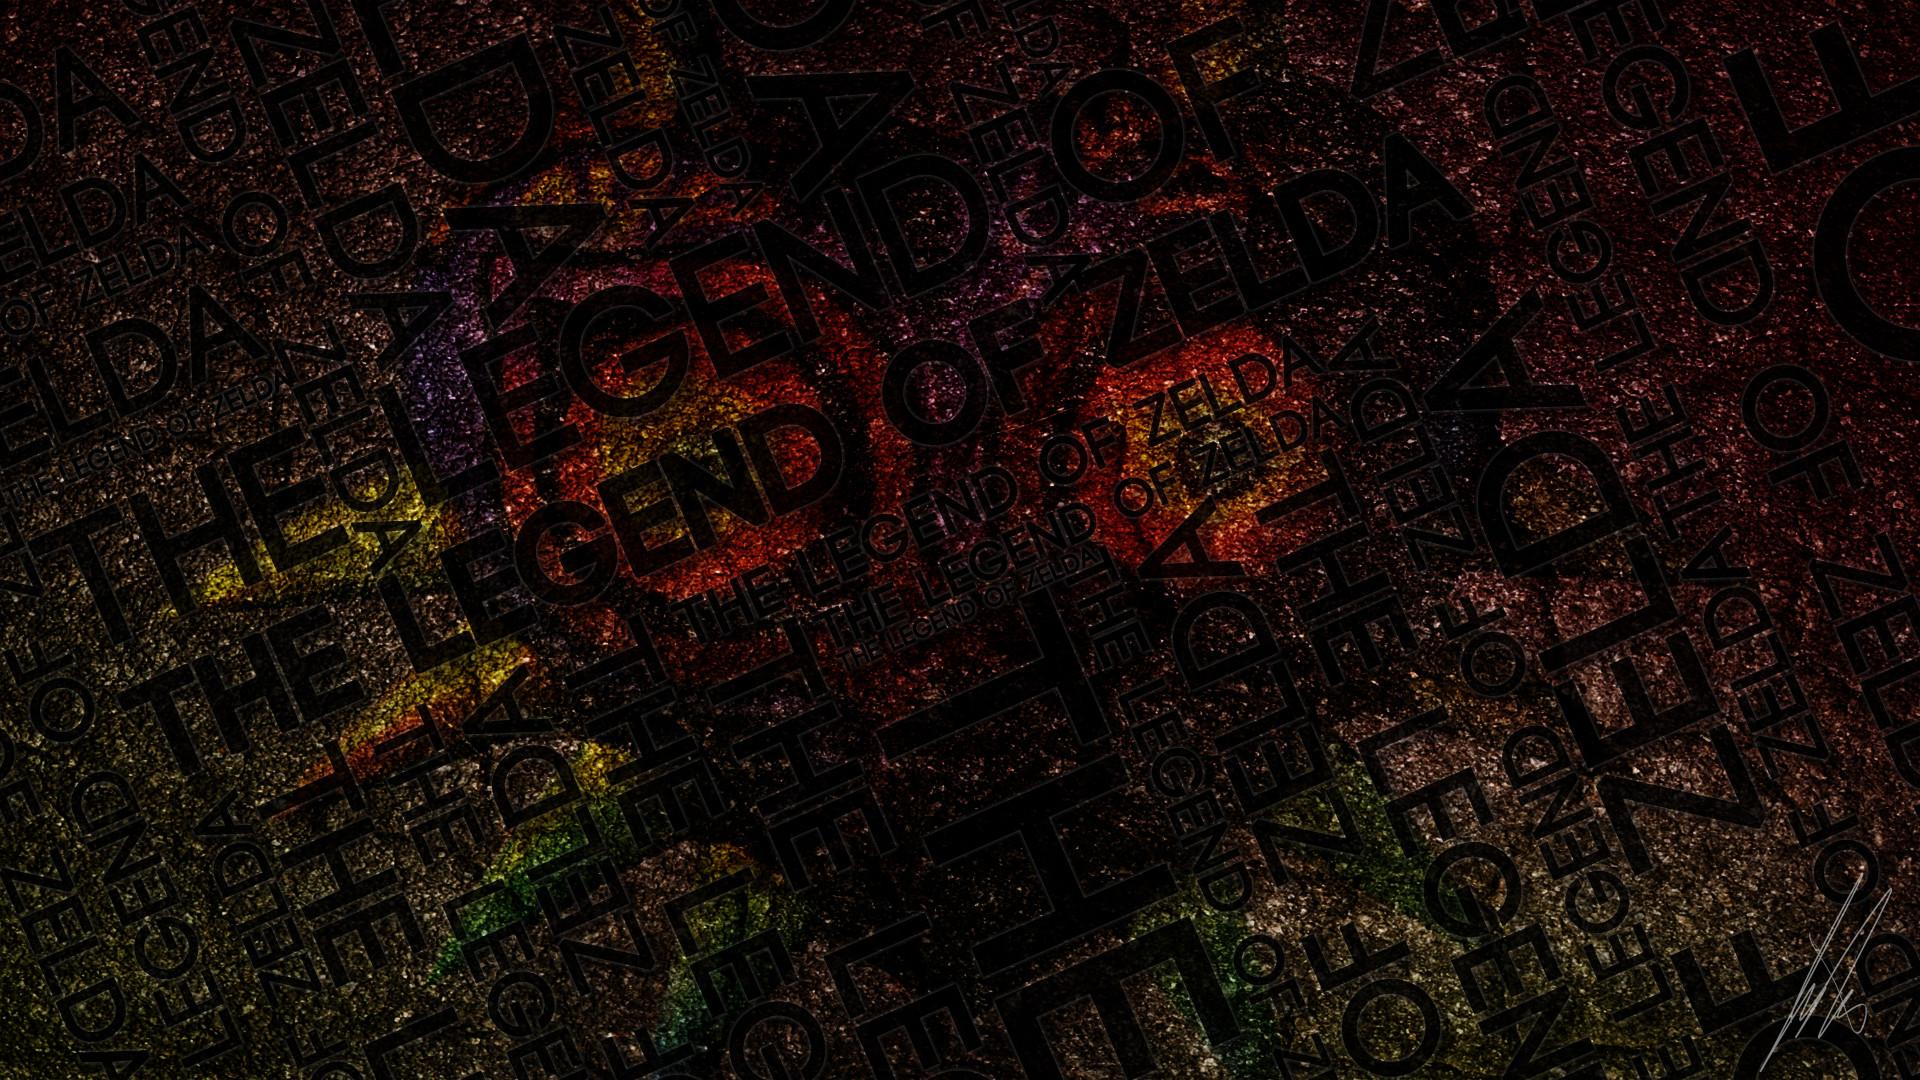 … The legen of Zelda Majora's Mask wallpaper by sexyFiren